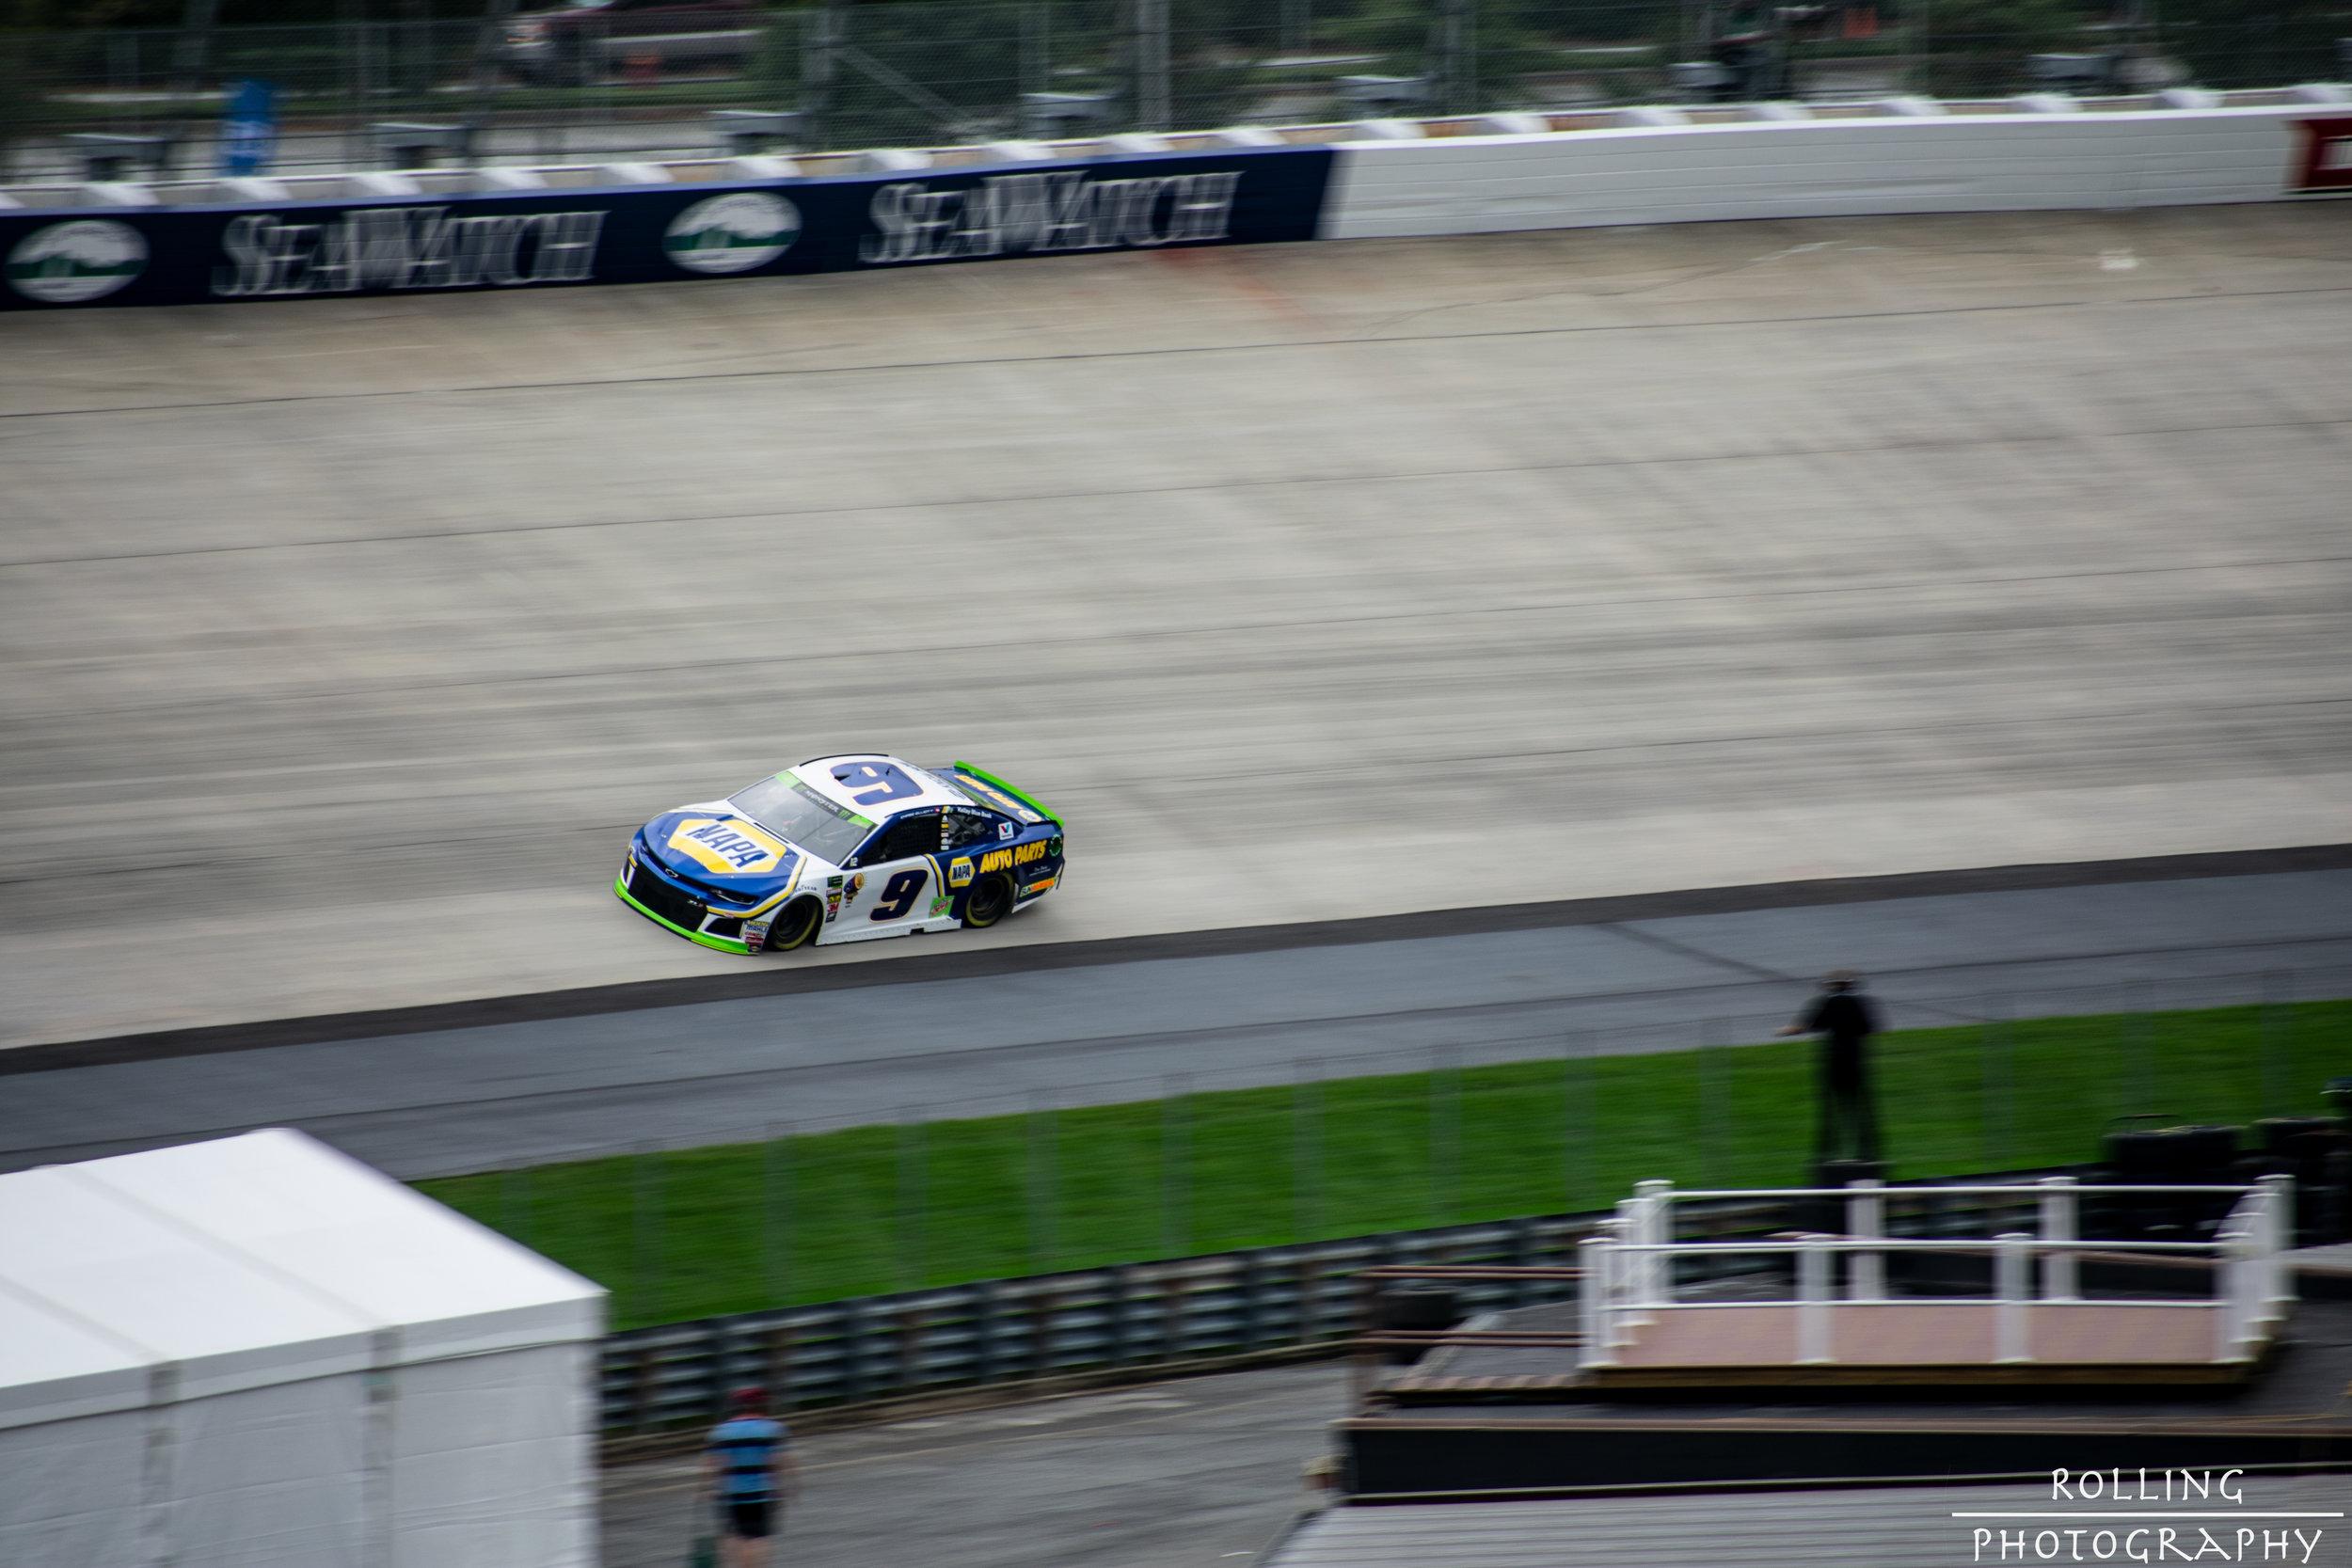 #9 Chase Elliot (Race Winner)flying through Dover 3 on Saturday ISO 100, 70-300mm lens (300mm), f / 6.3 Shutter Speed 1/160